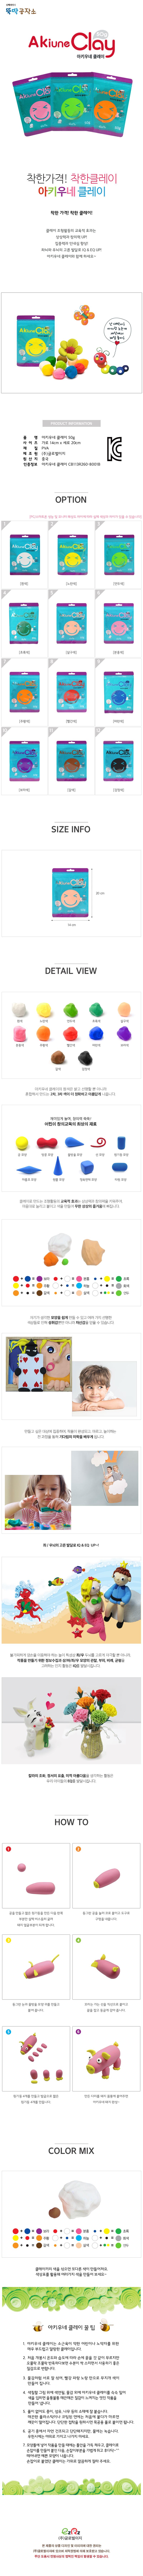 아키우네클레이 50g 만들기 찰흙만들기 지점토 - 이지피아, 900원, 클레이공예, 점토/클레이